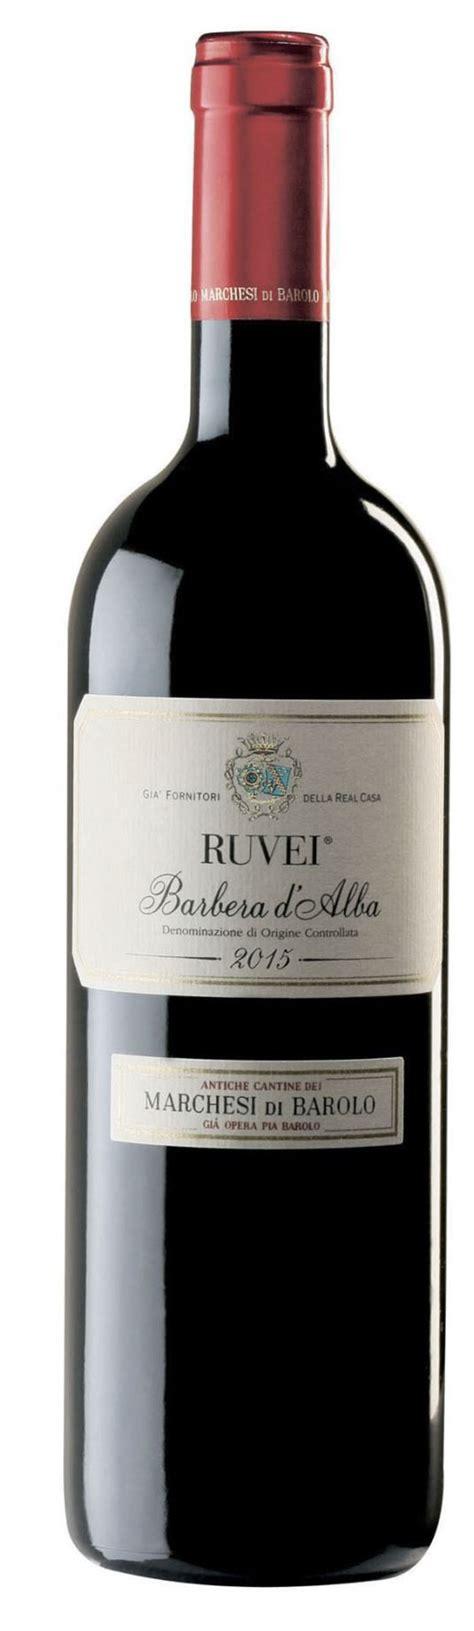 d alba asti barbera wine description